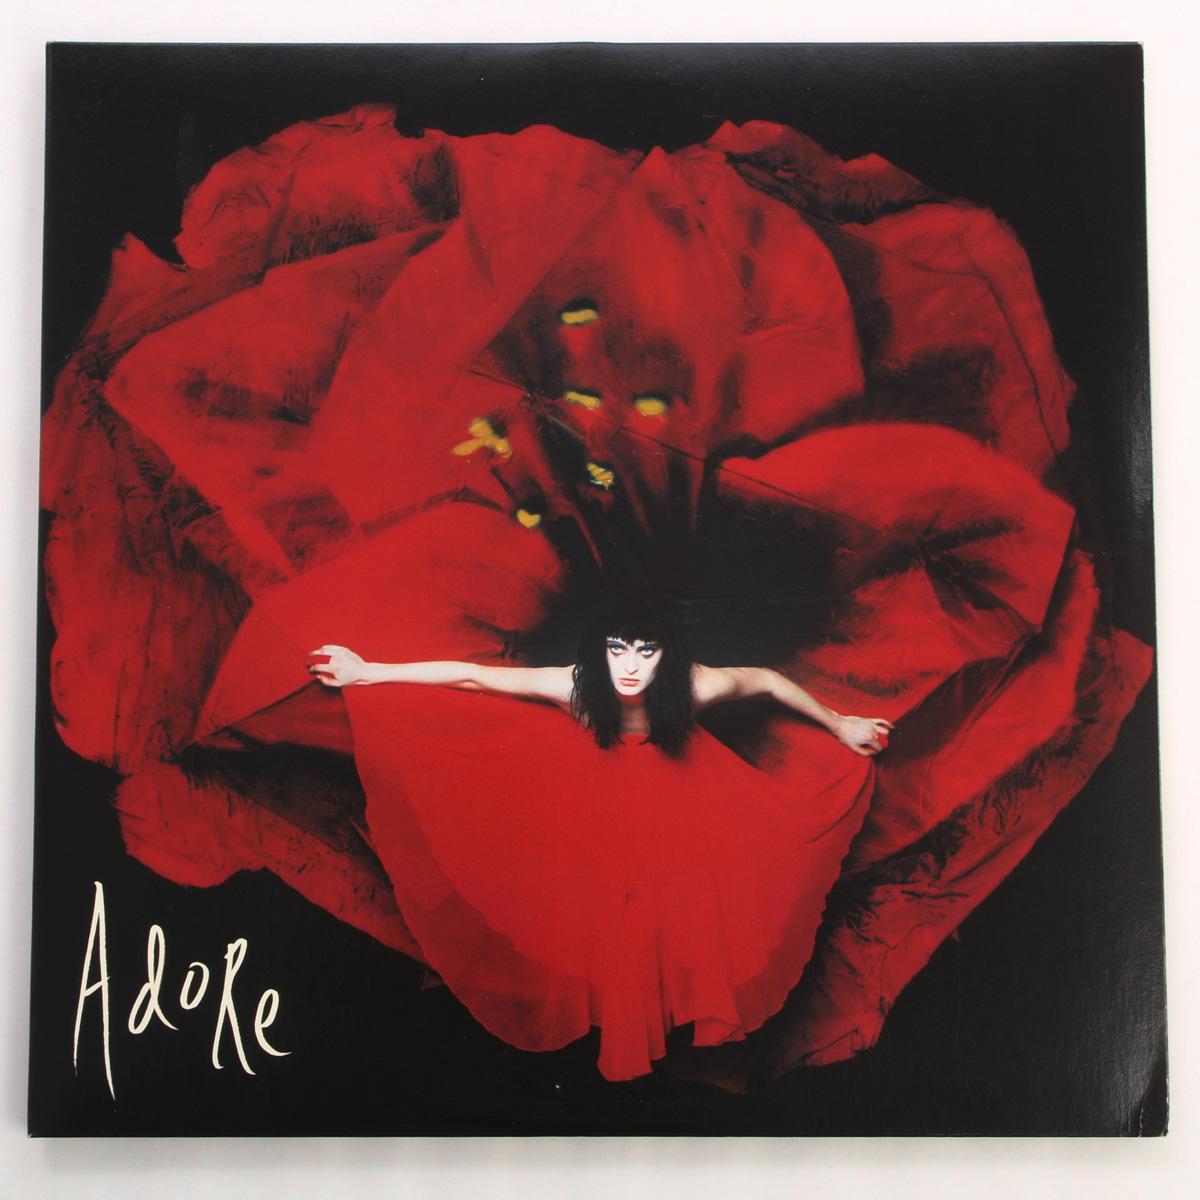 The Smashing Pumpkins - Adore Reissue